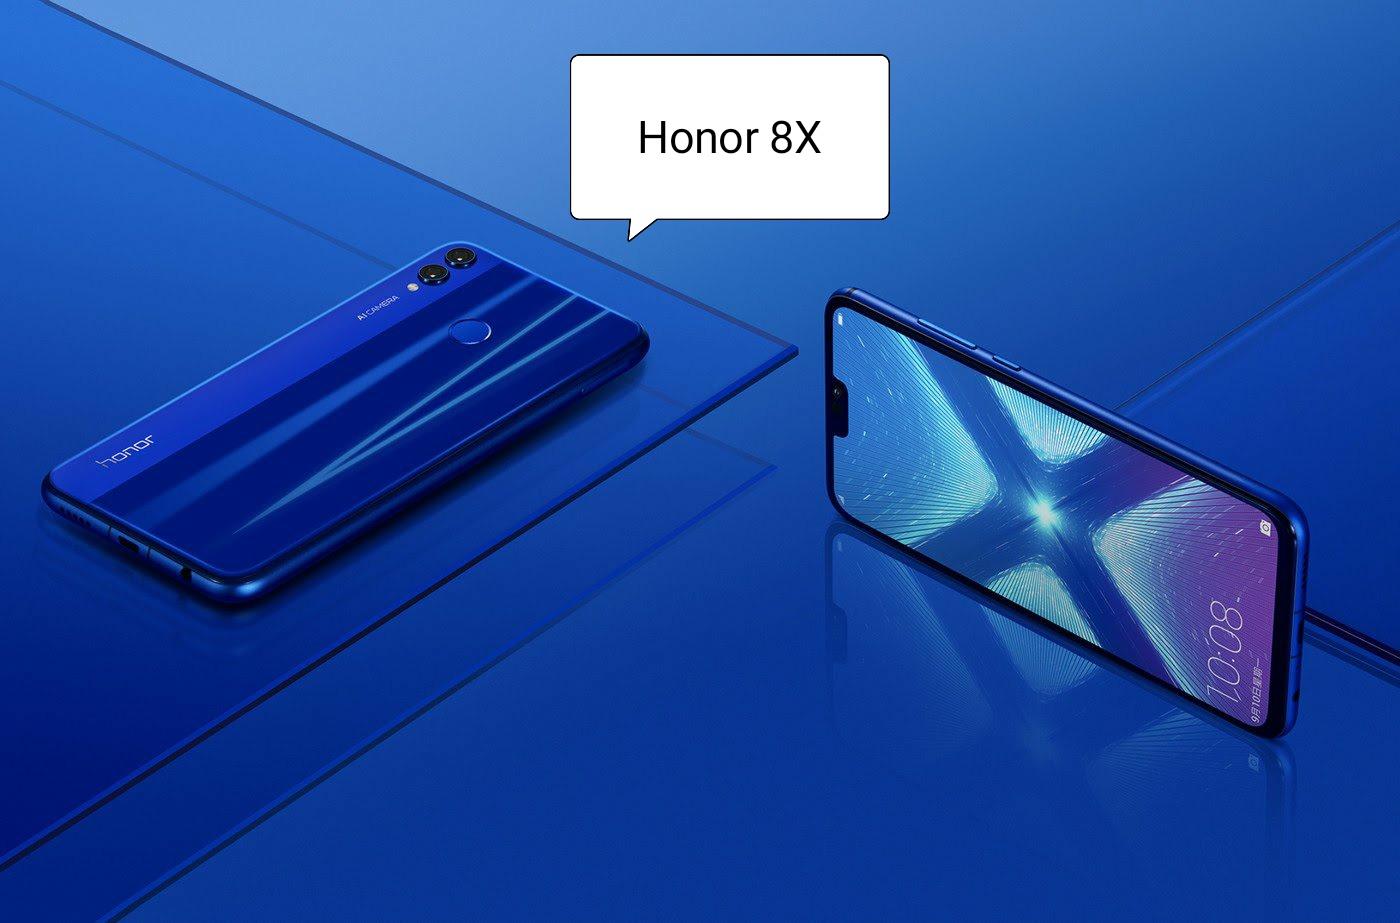 Honor 8X Specs